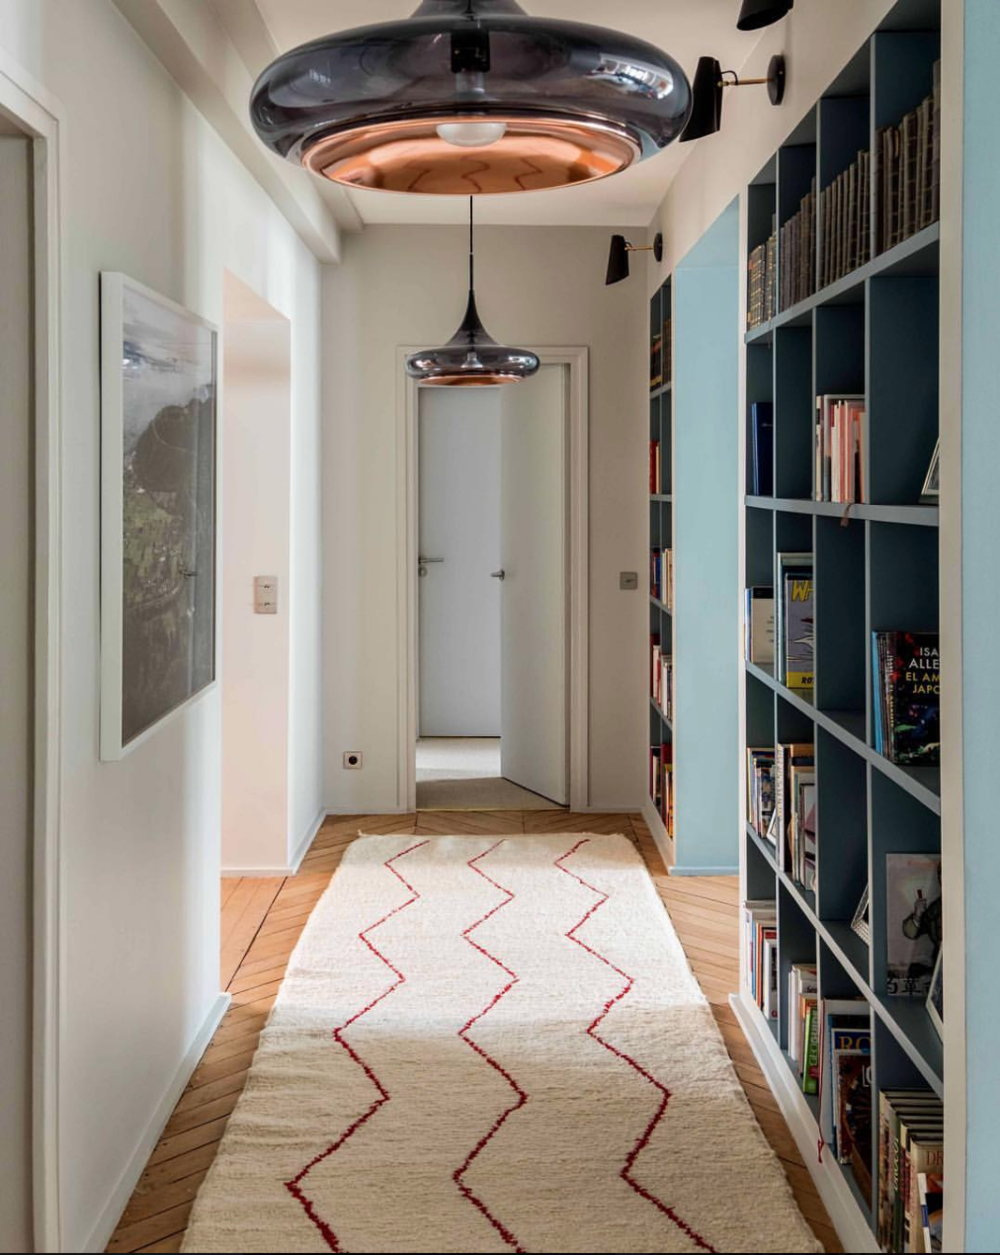 Tapis Beniouarain de couloir de 6,6 mètres - Commande sur mesure - Paris XVI